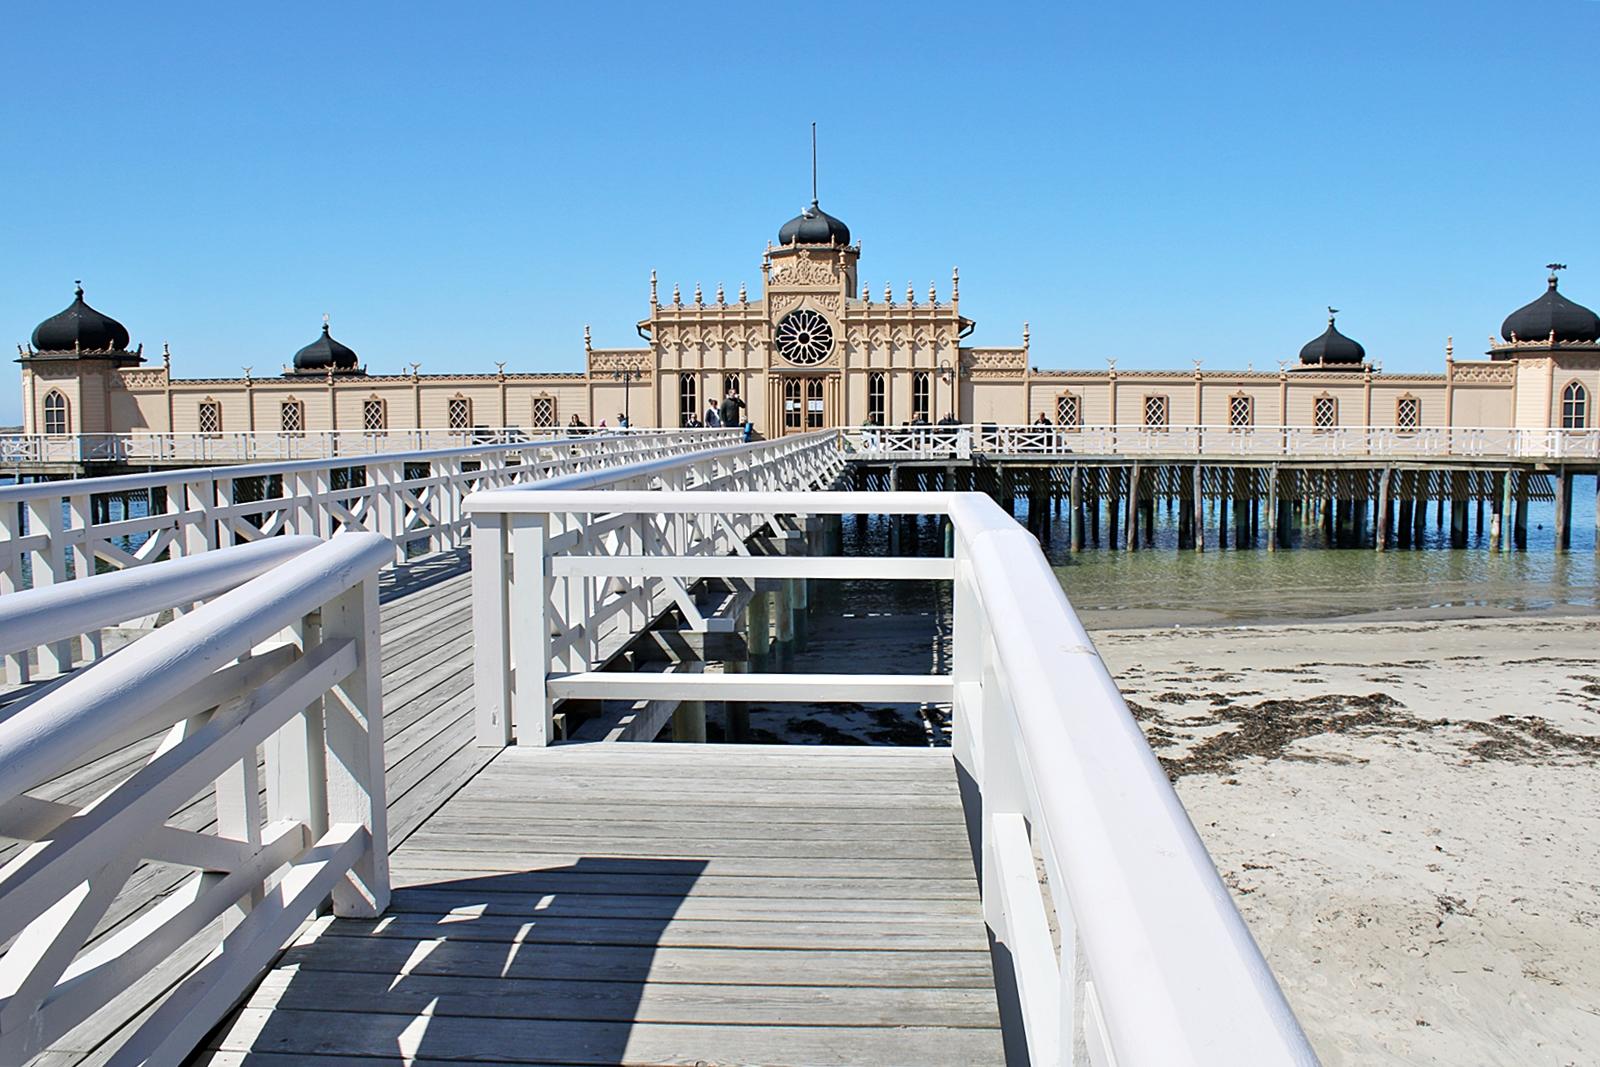 Vad jag inte viste om vackra kallbadhuset i Varberg